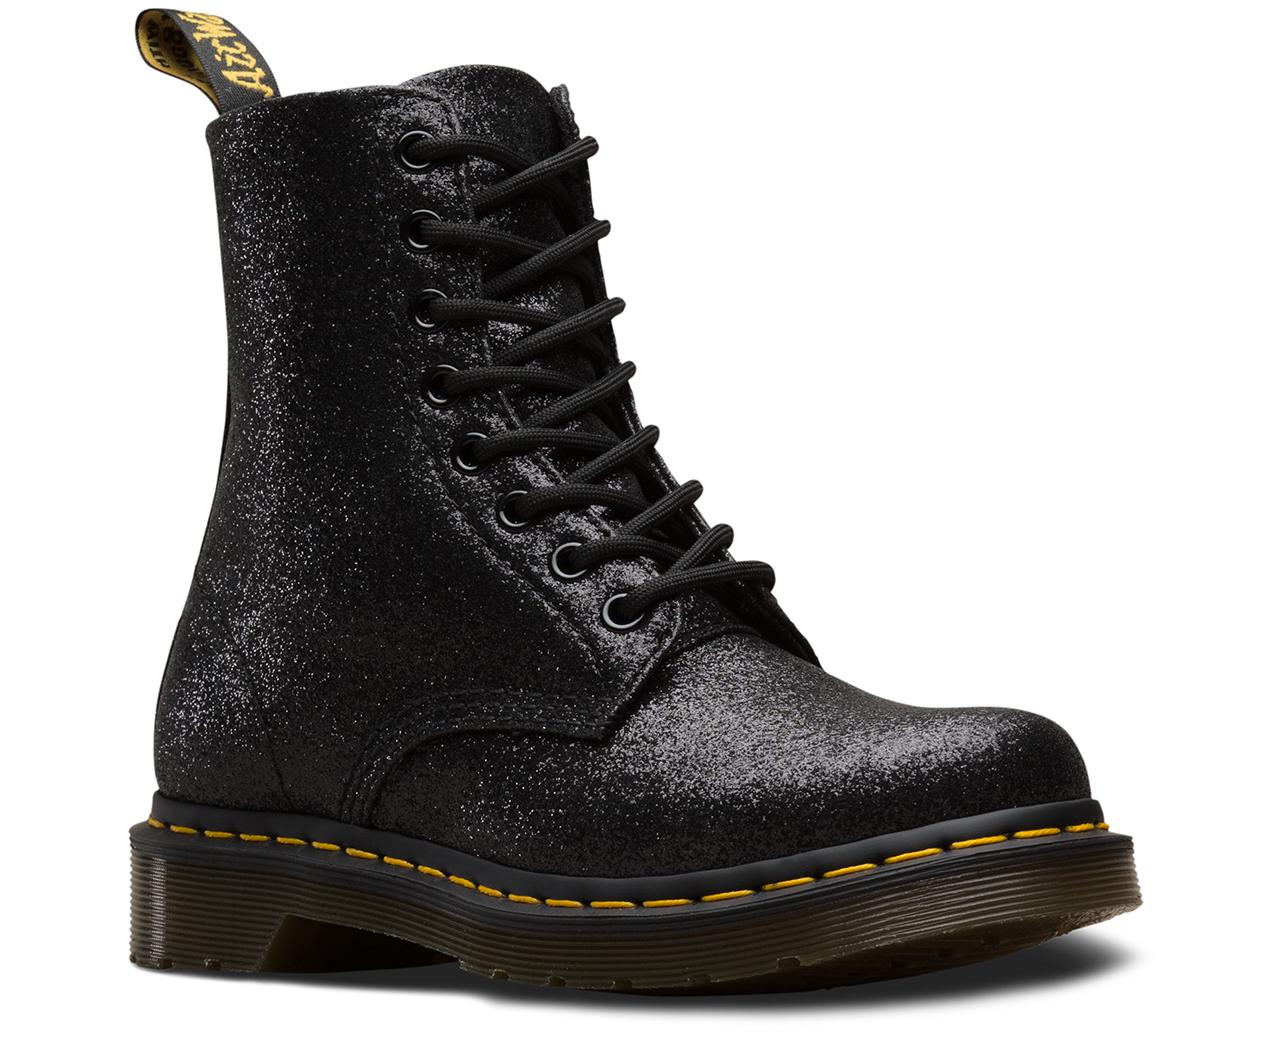 4e0a9e7ac7e6 1460 PASCAL GLITTER | Women's Boots, Shoes & Sandals | Dr. Martens ...